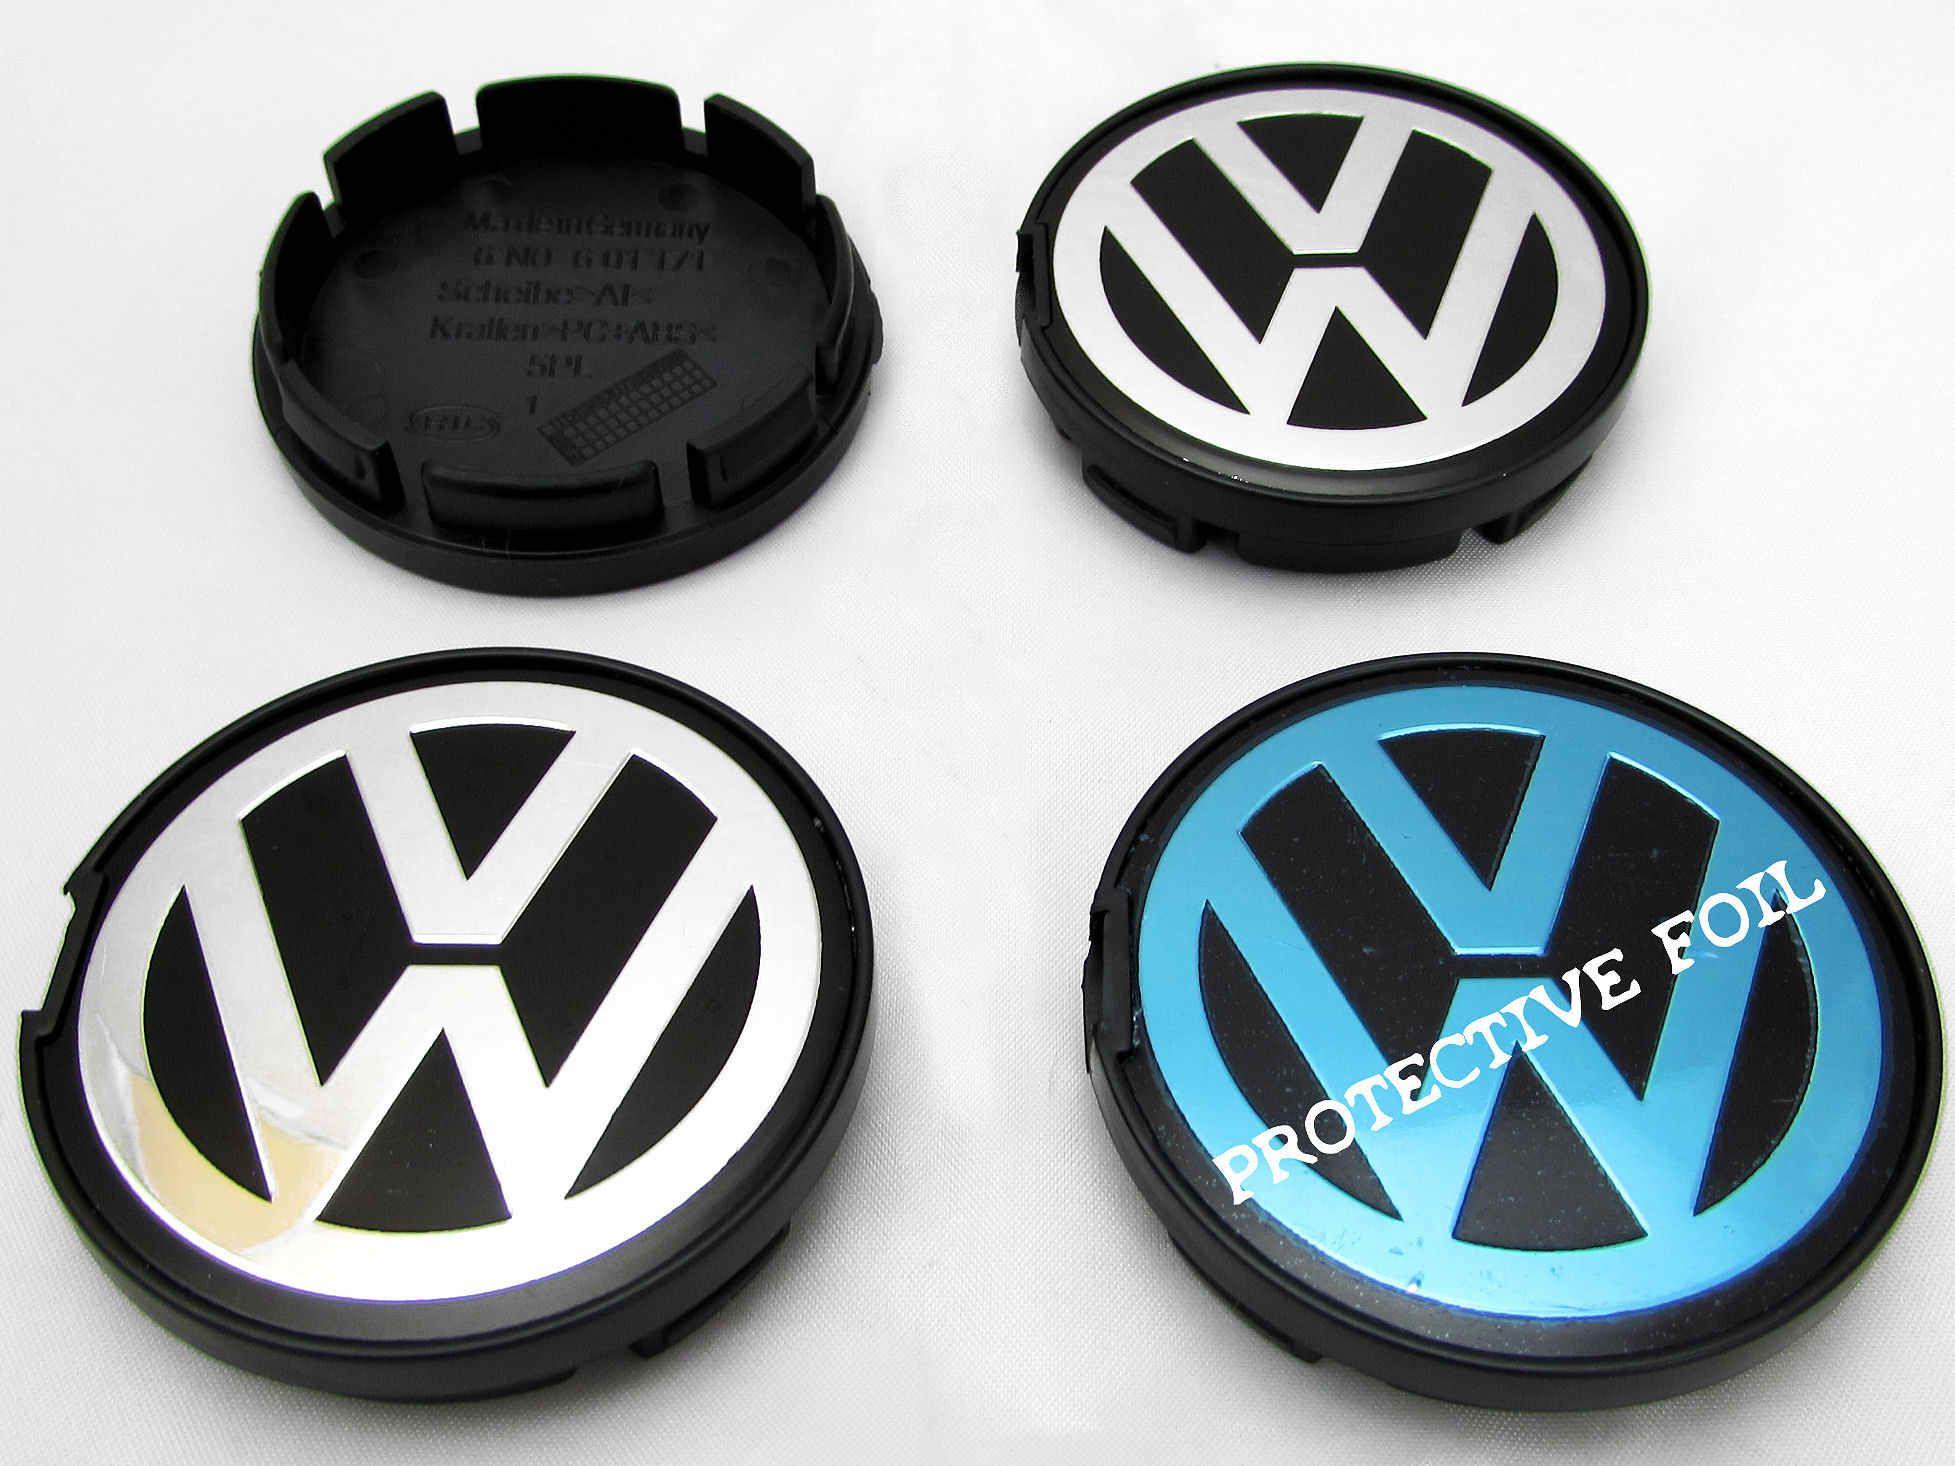 http://www.ebay.co.uk/itm/VW-VOLKSWAGEN-ALLOY-WHEEL-CENTER-CAPS-x4 ...